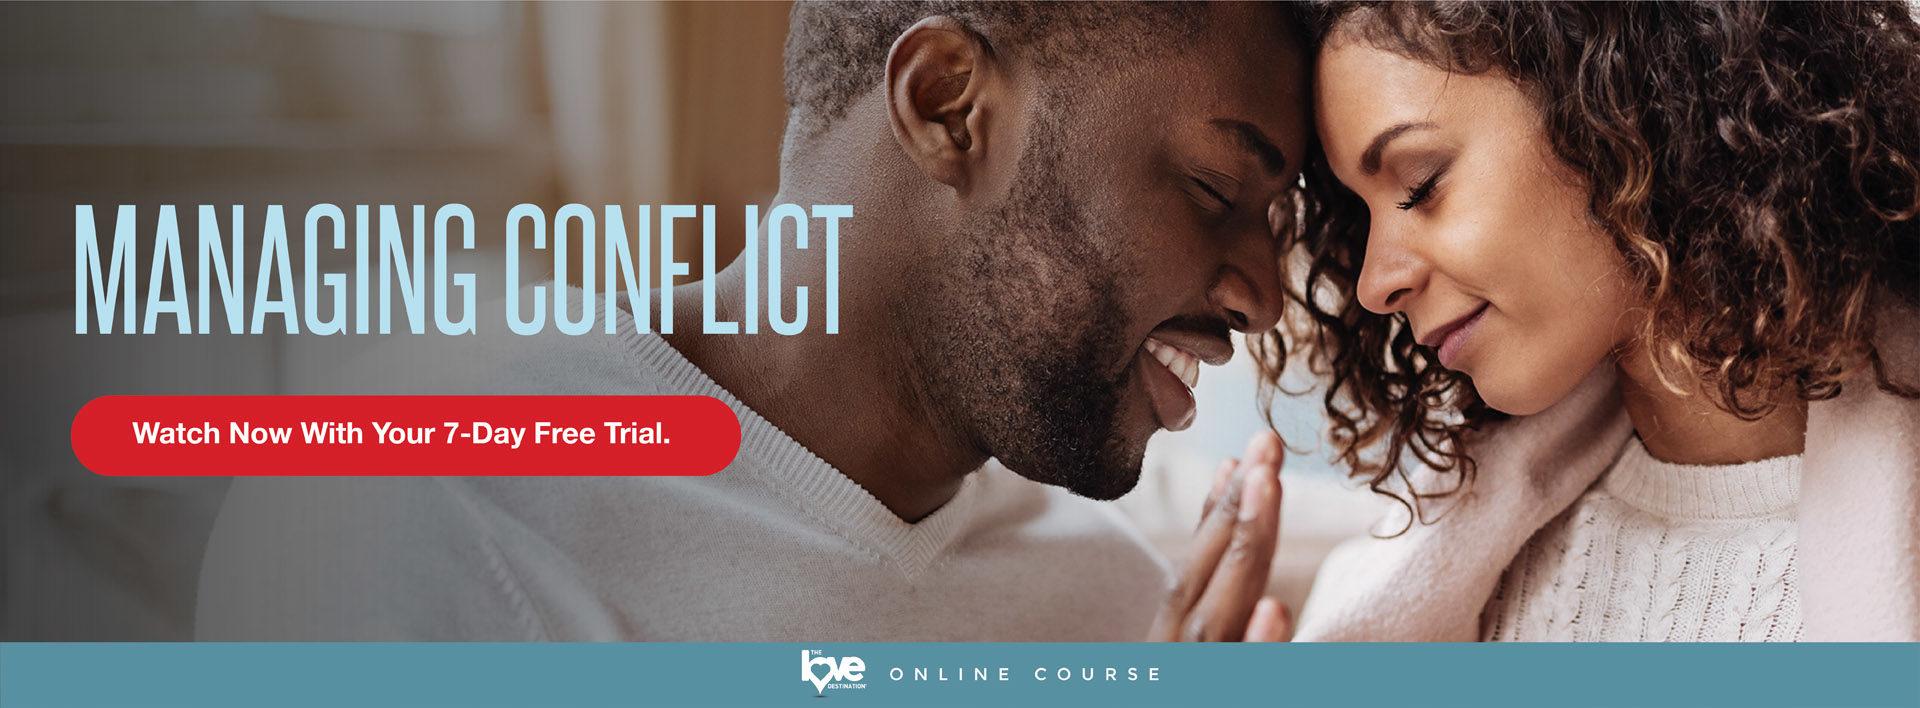 4-managing-conflict